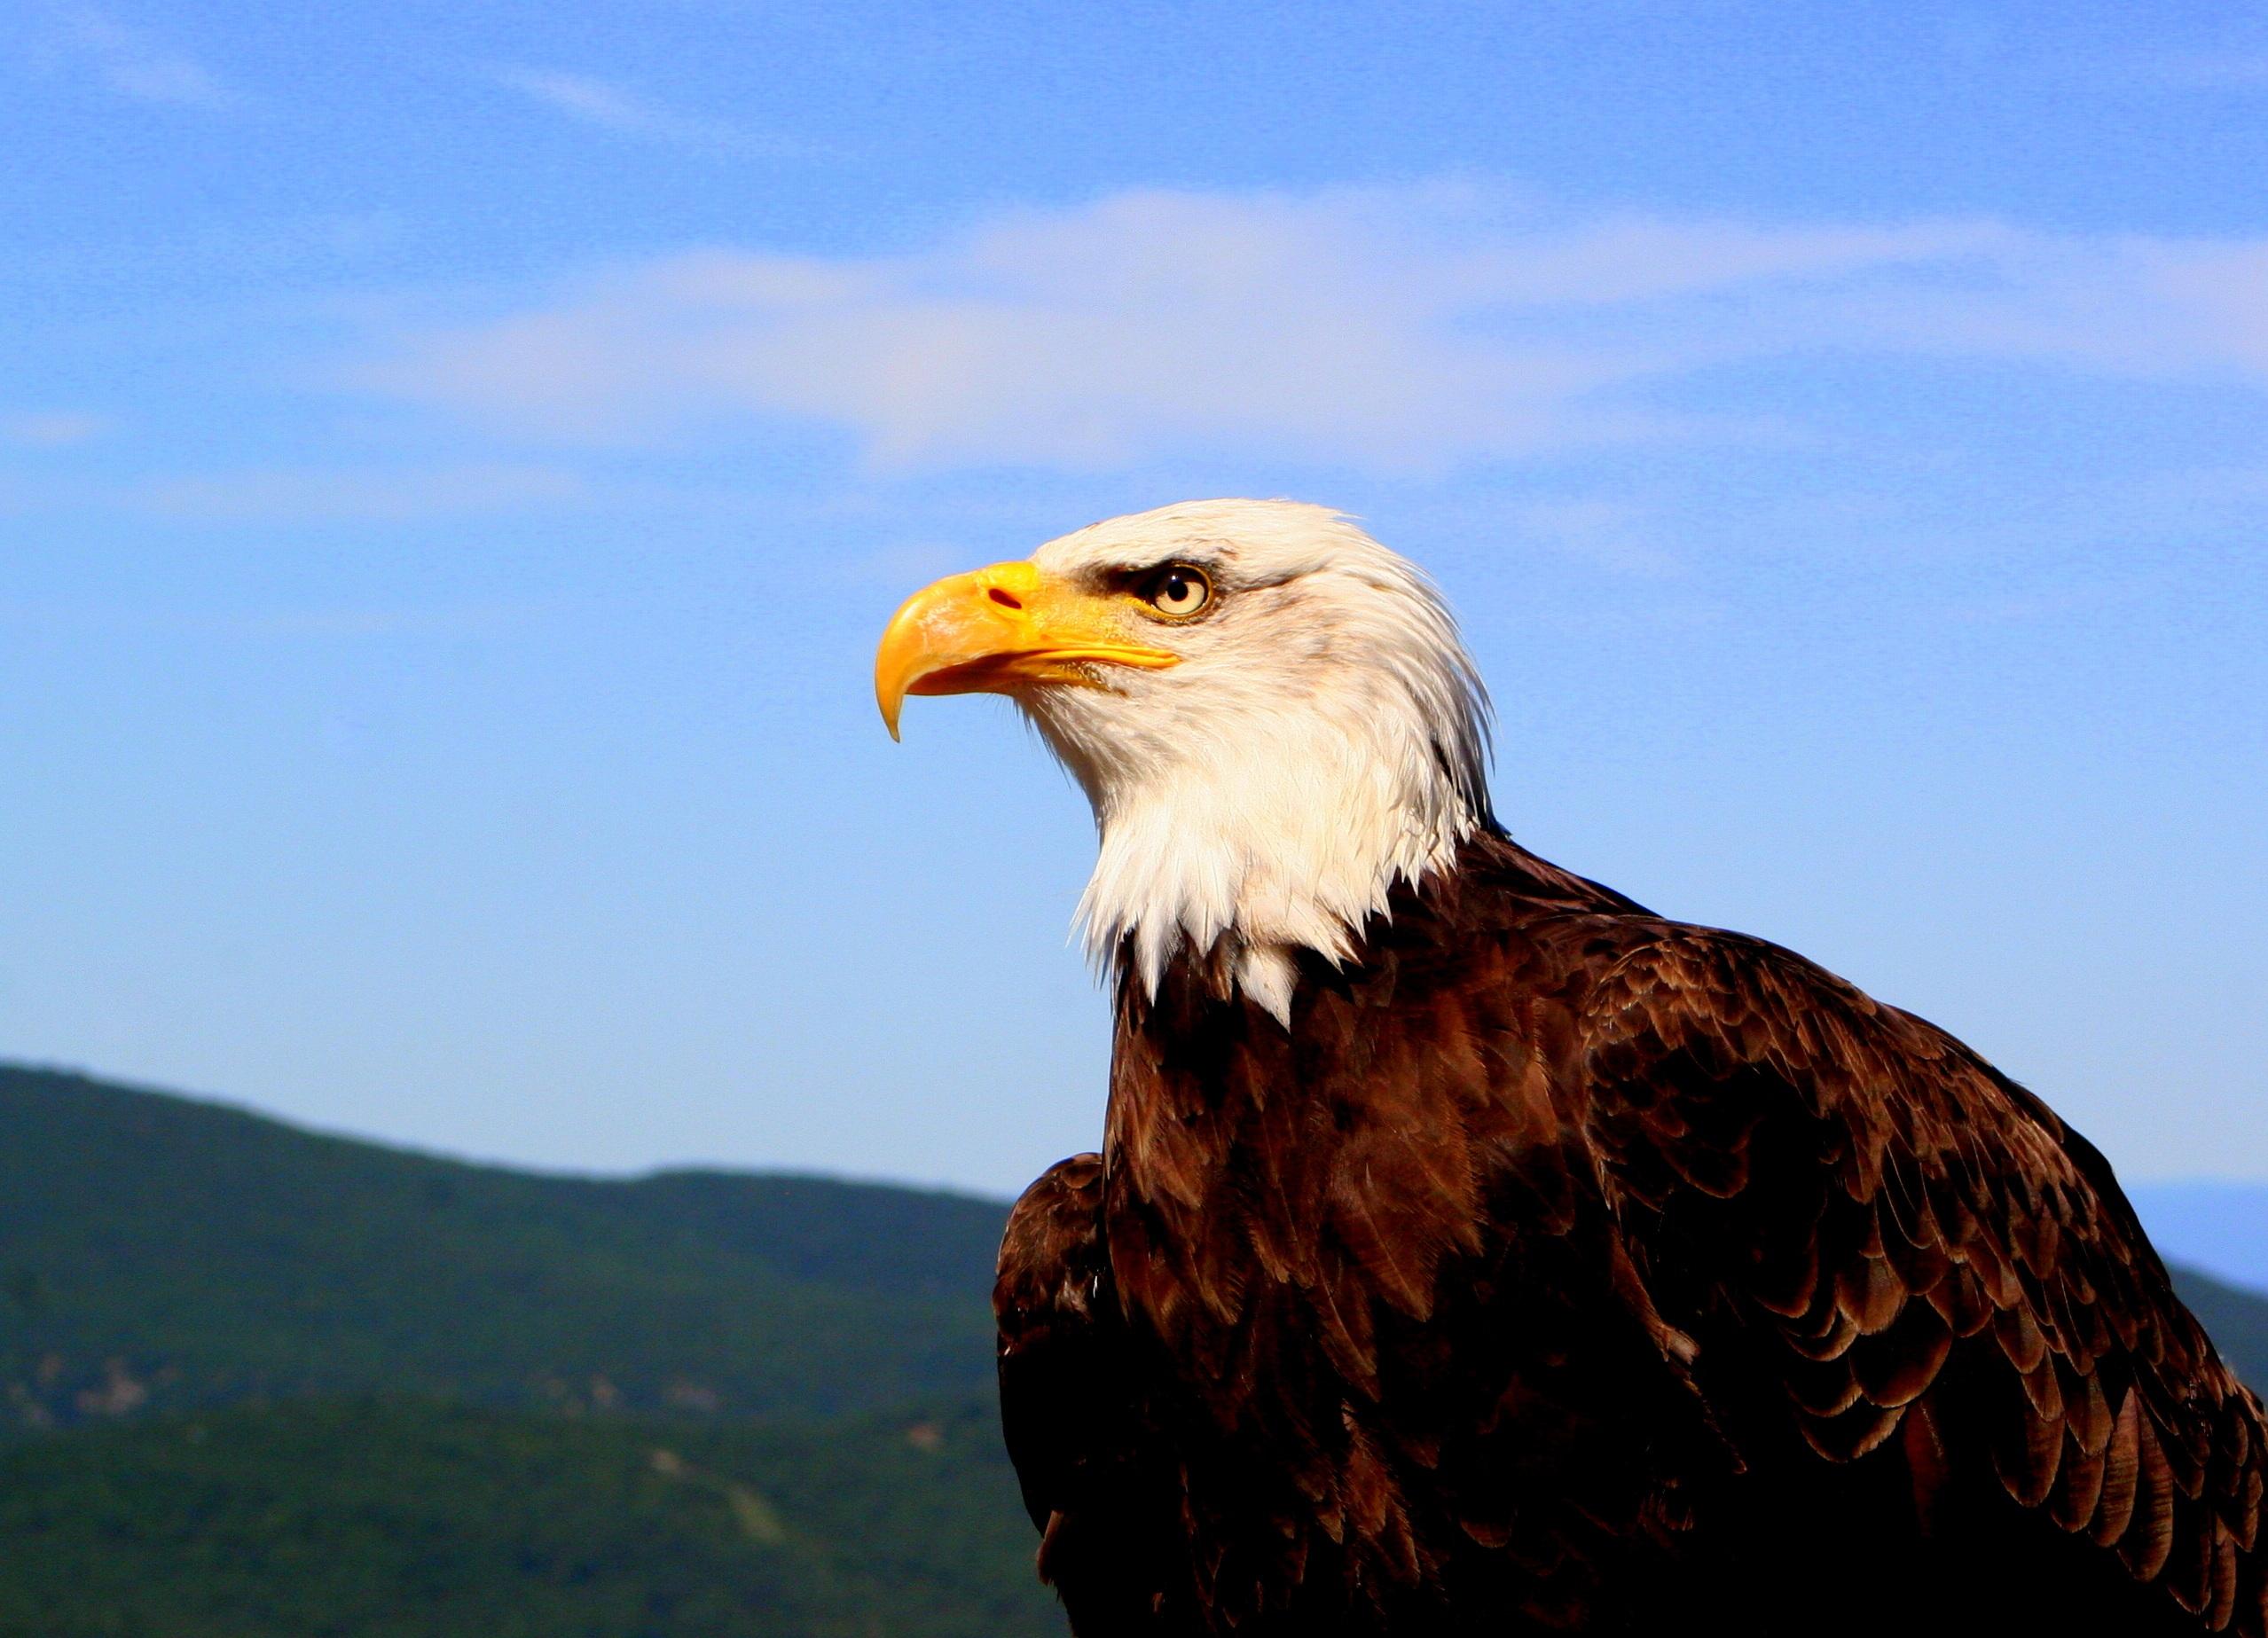 eagle-majestic-animal-bird-freedom-symbol-feather ...